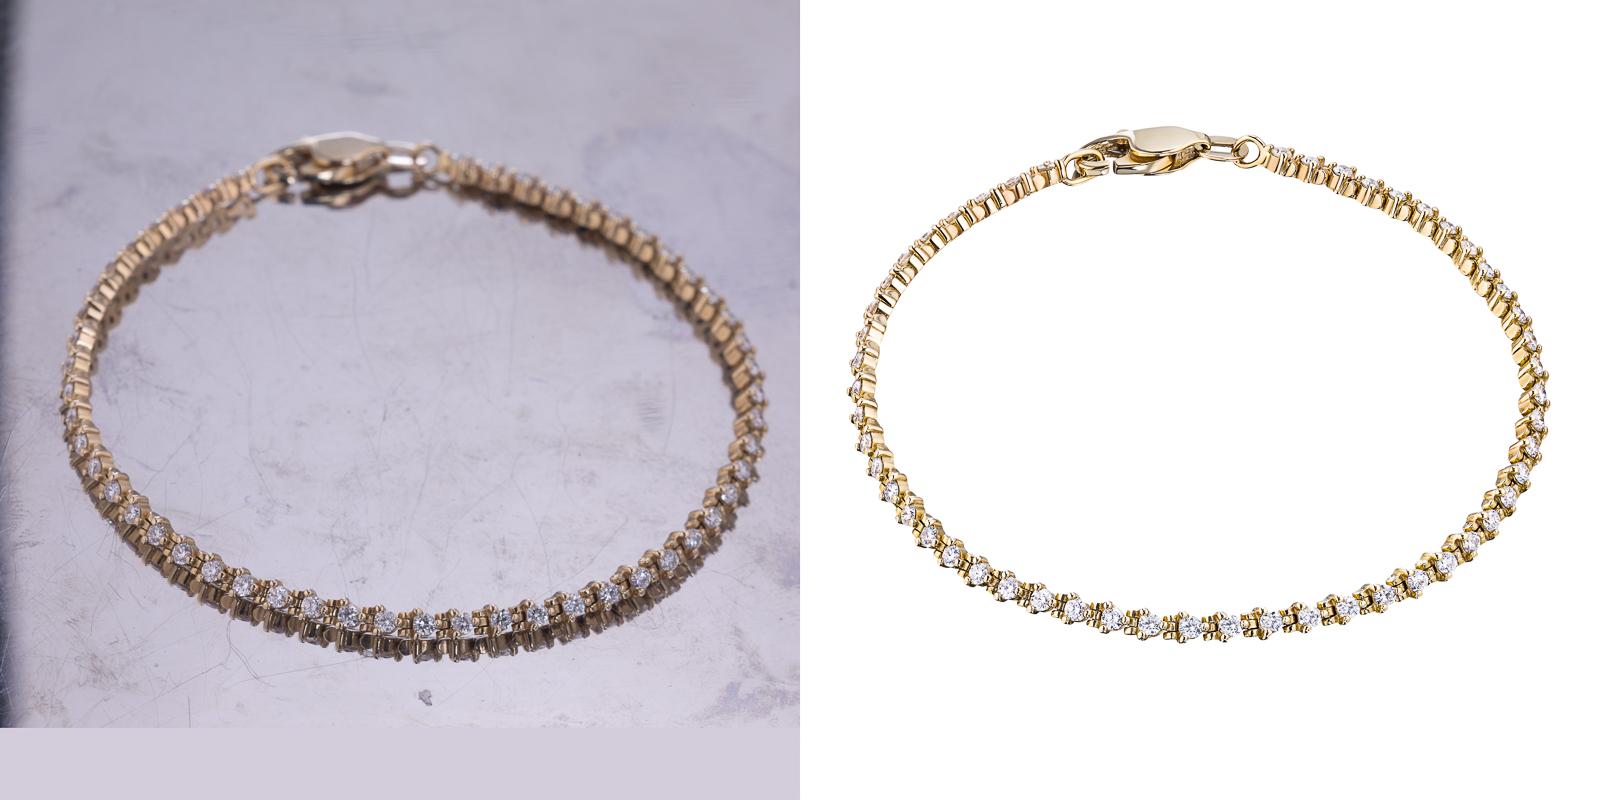 Обработка ювелирных украшений, браслеты, подвеска